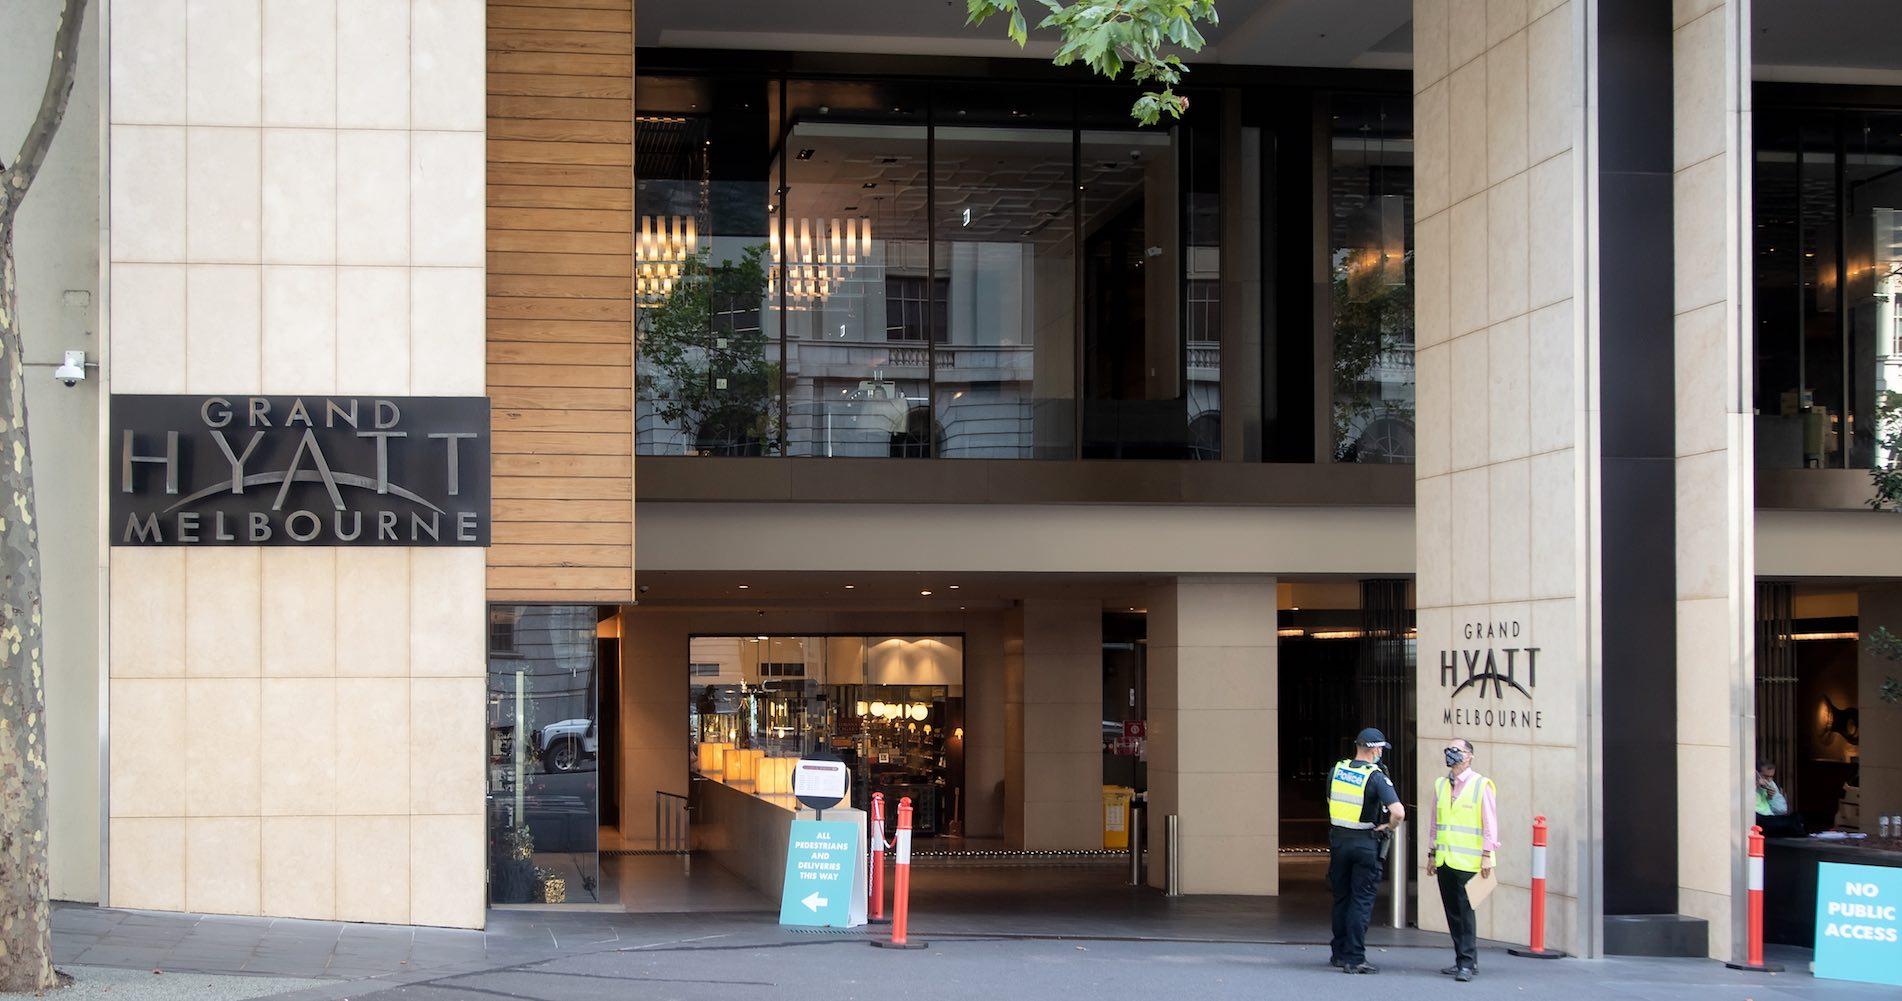 Grand Hyatt hotel, Melbourne, 2021